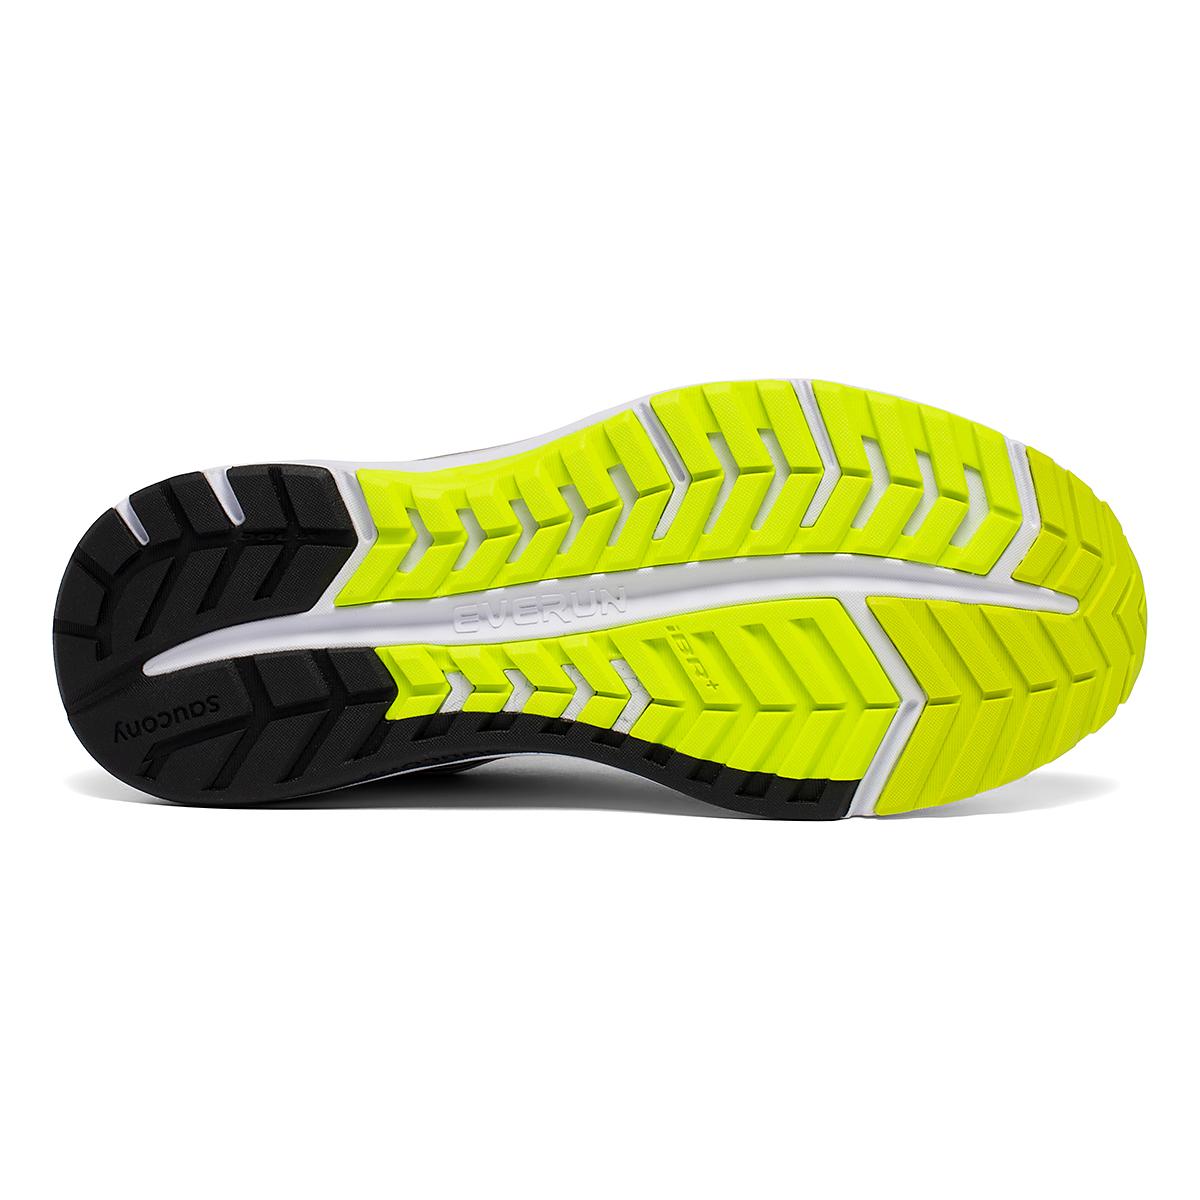 Men's Saucony Omni 19 Running Shoe - Color: Fog/Citrus - Size: 7 - Width: Regular, Fog/Citrus, large, image 5